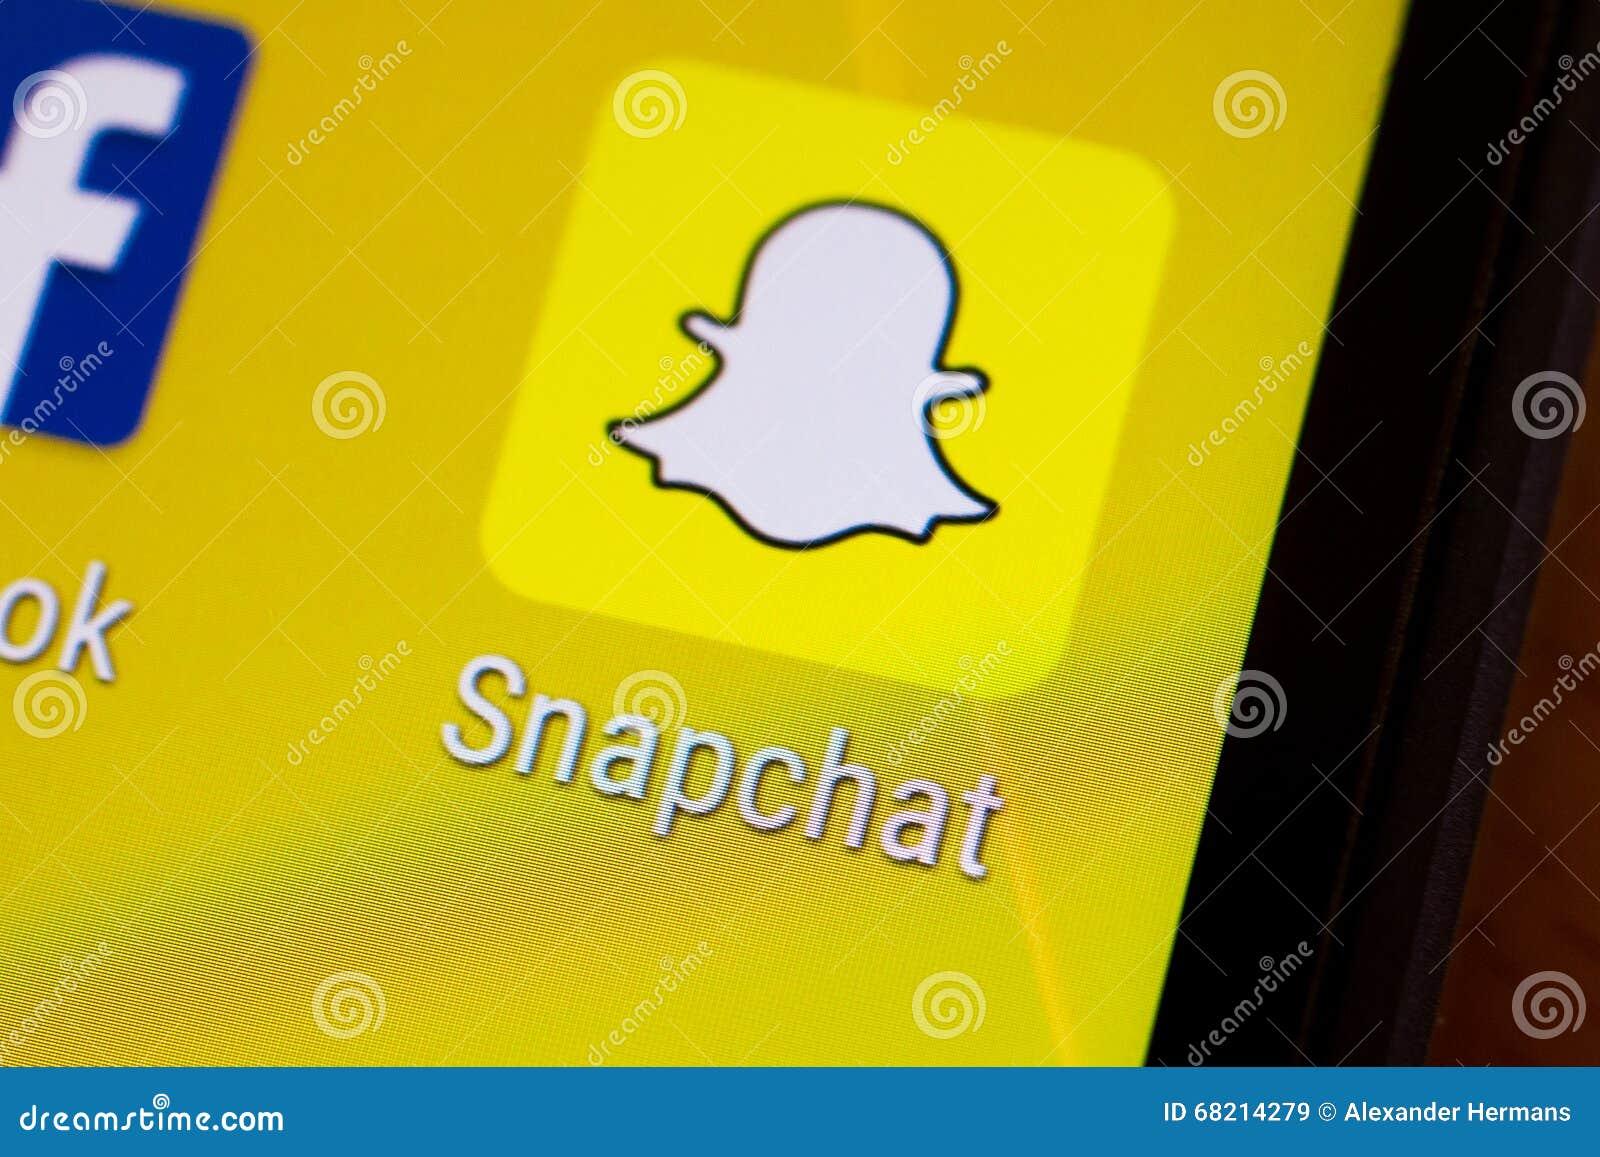 Summarisk logo för Snapchat applikation på en androidsmartphone